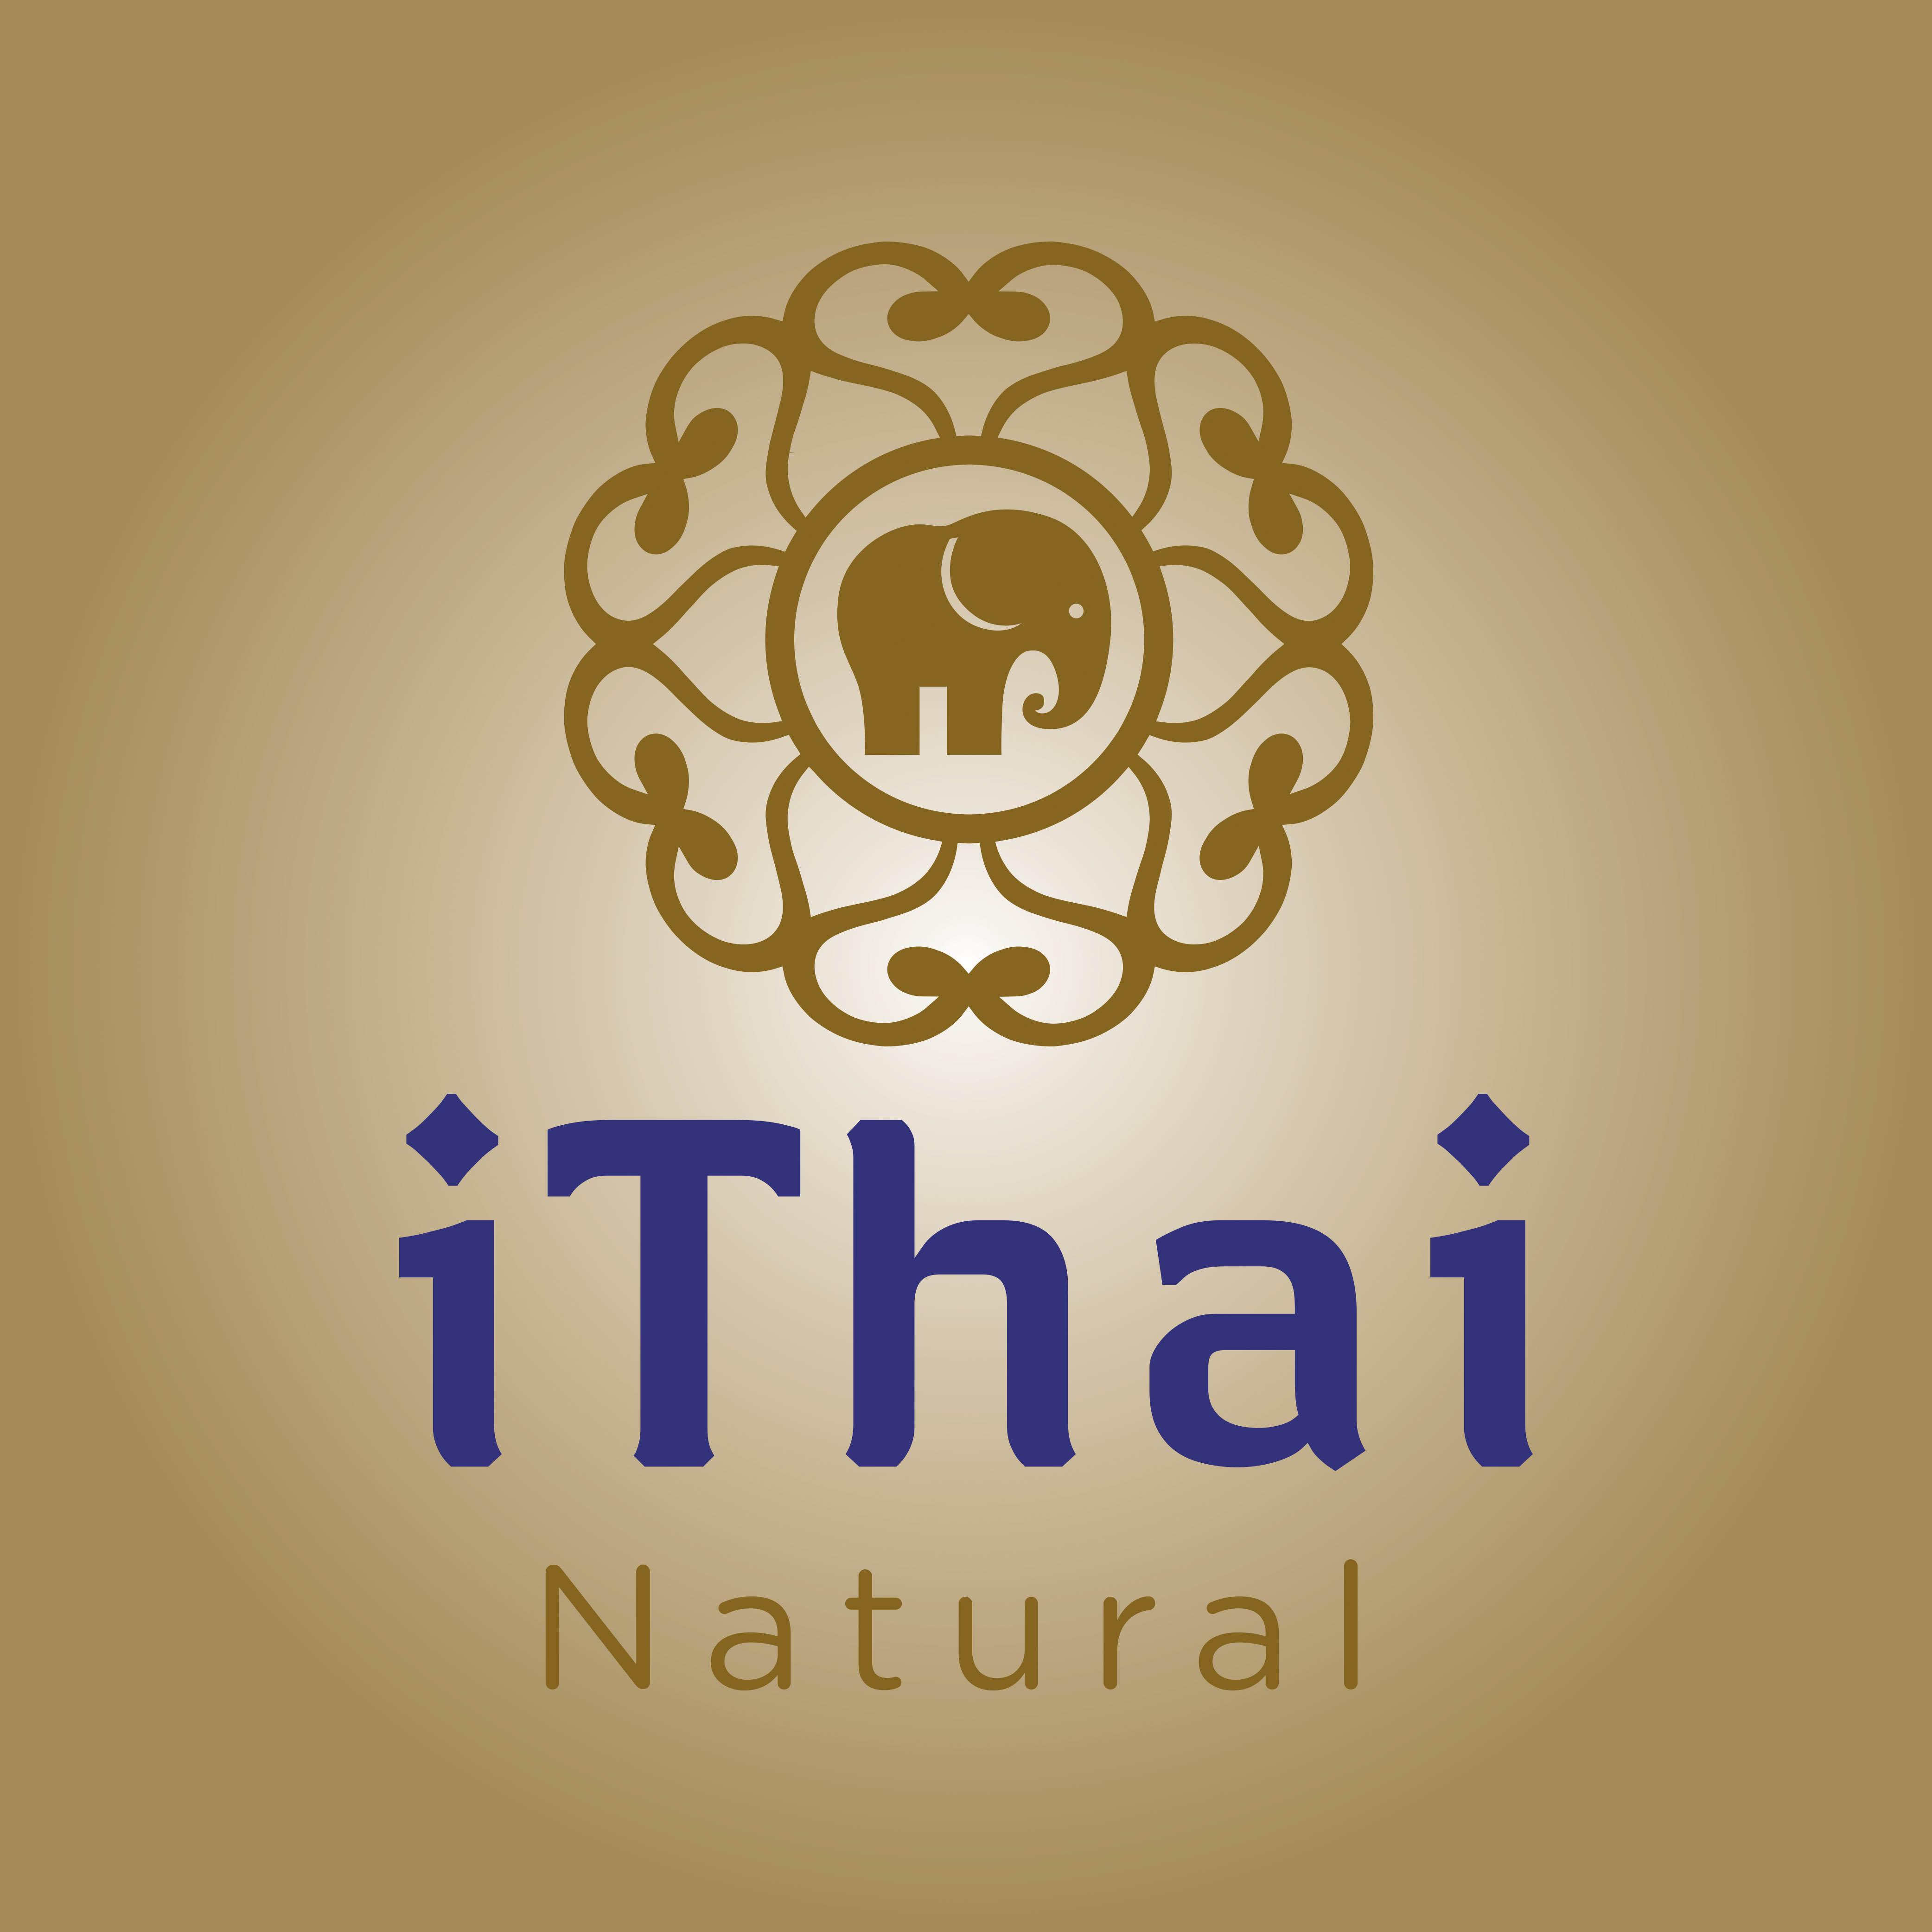 iThai Natural